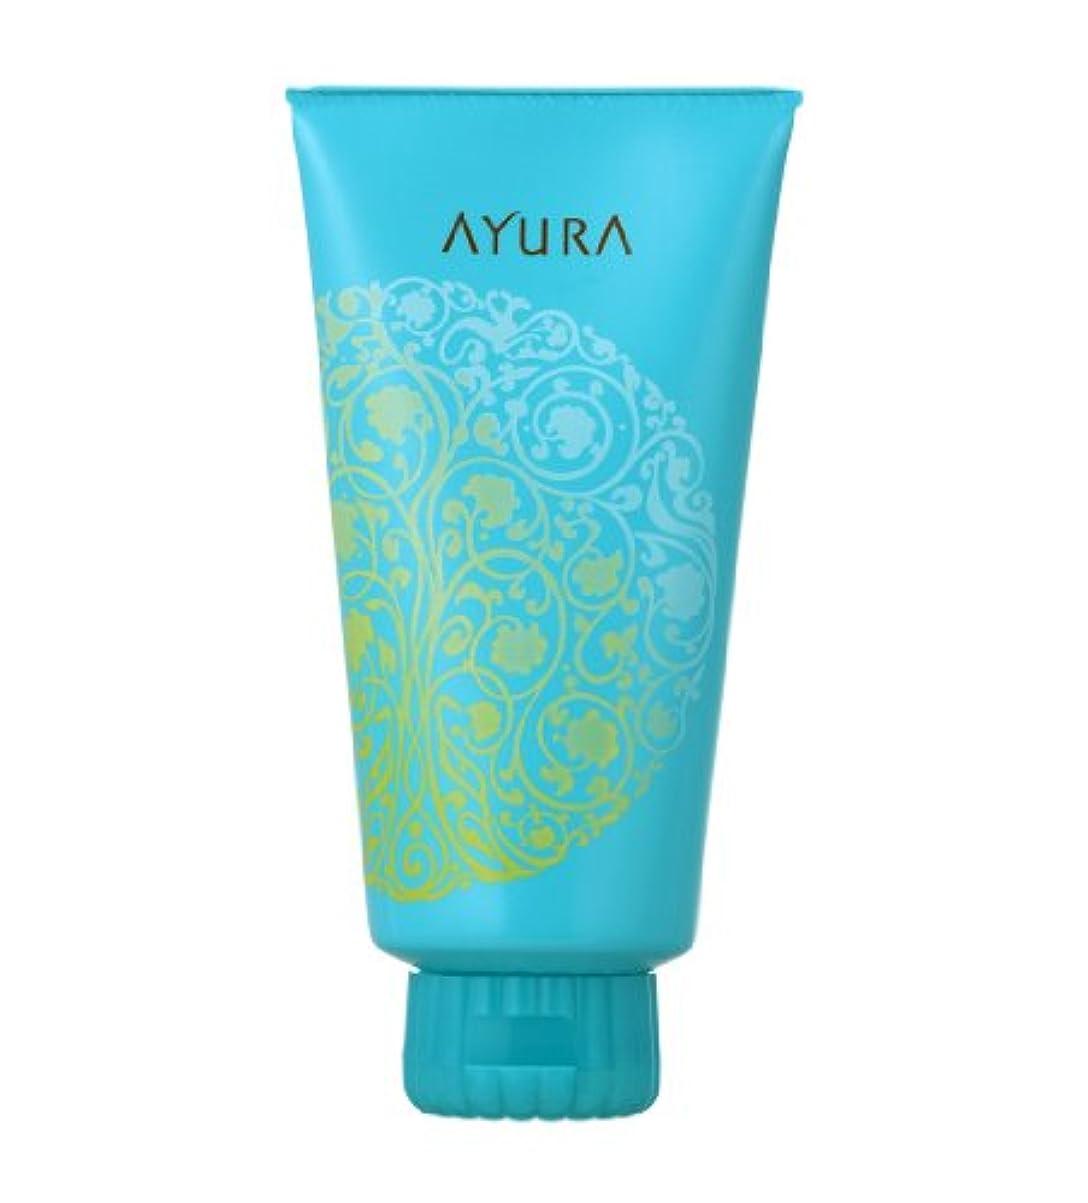 アユーラ (AYURA) ウェルフィット ボディーフィットネスセラム 150g 〈ボディー用 美容液〉 心地よい森林の香気